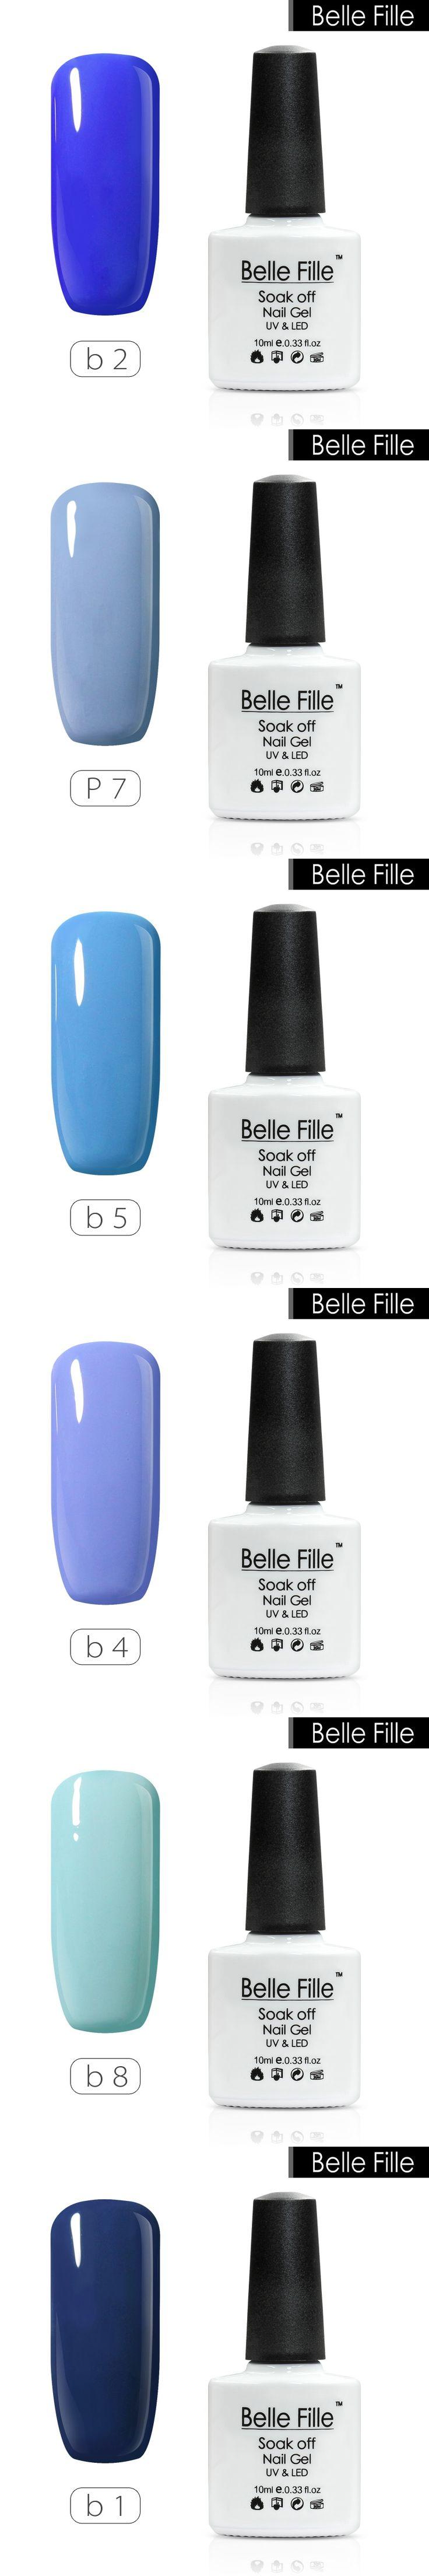 10ml Natural Blue color UV nail gel manicure lacquer home DIY nail art Soak Off varnish polish Long-lasting Bling Nail Gel